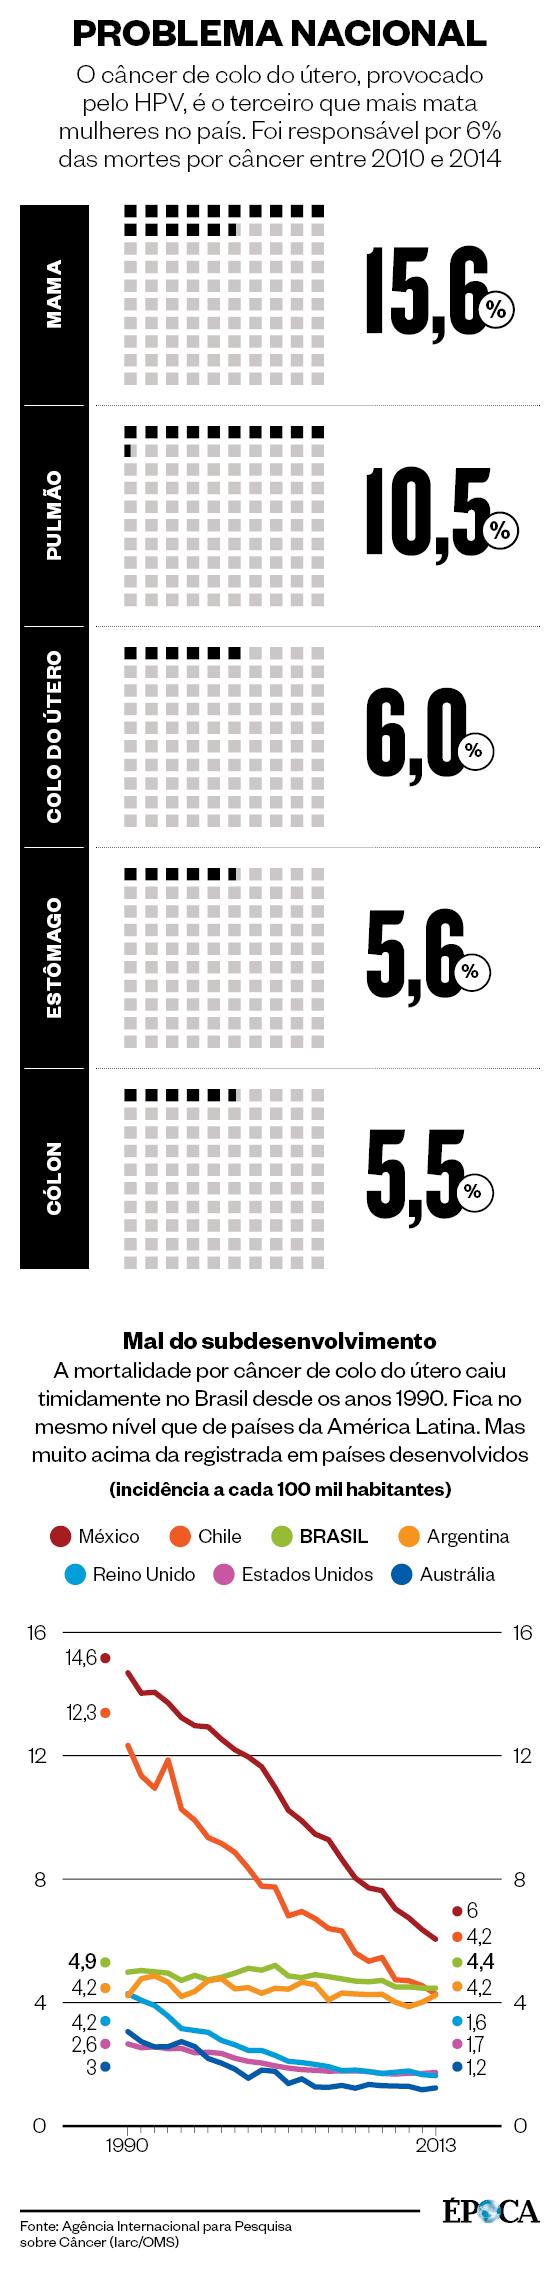 o câncer de colo de utero no Brasil (Foto: Época)